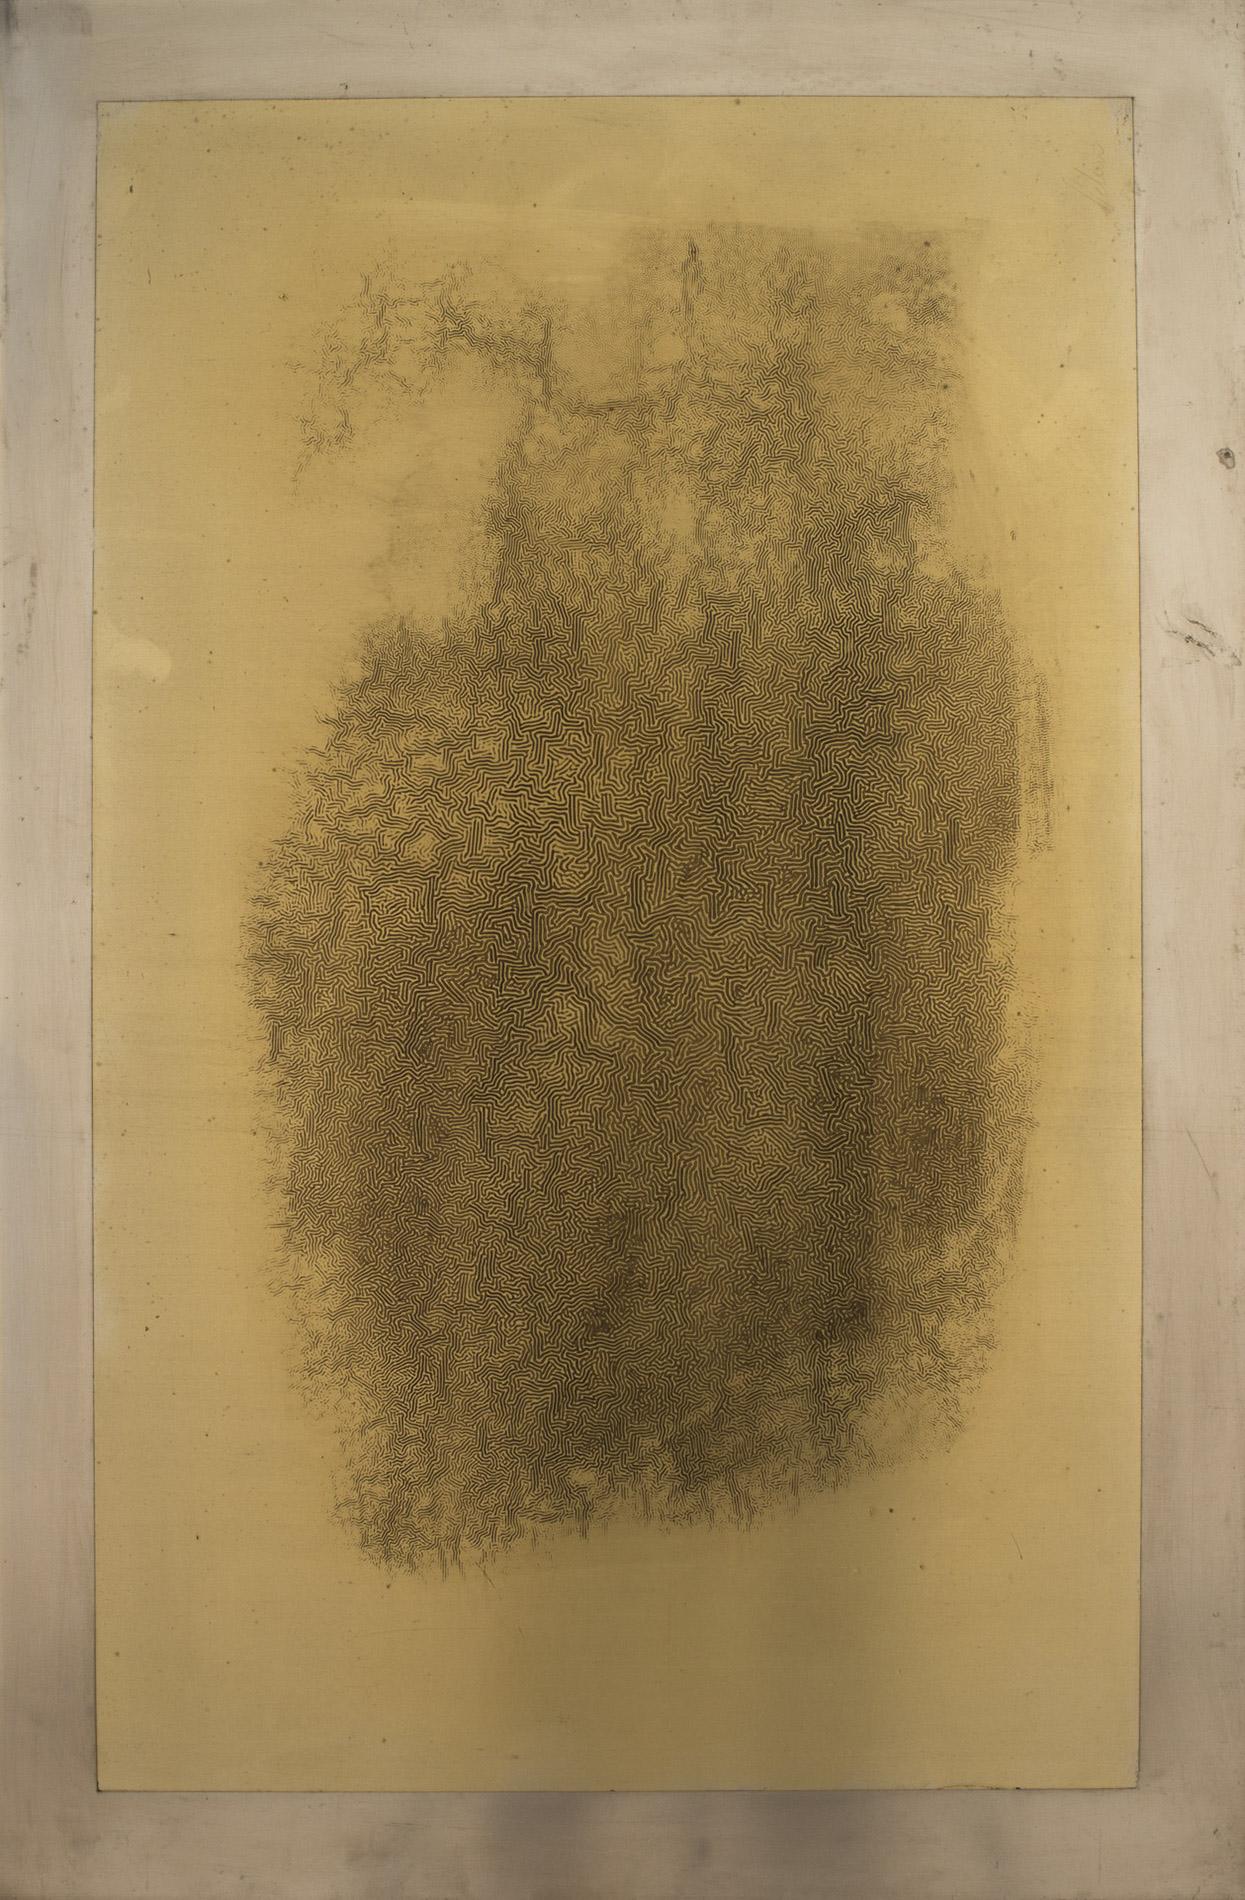 Colección de la Fundación Pablo Atchugarry